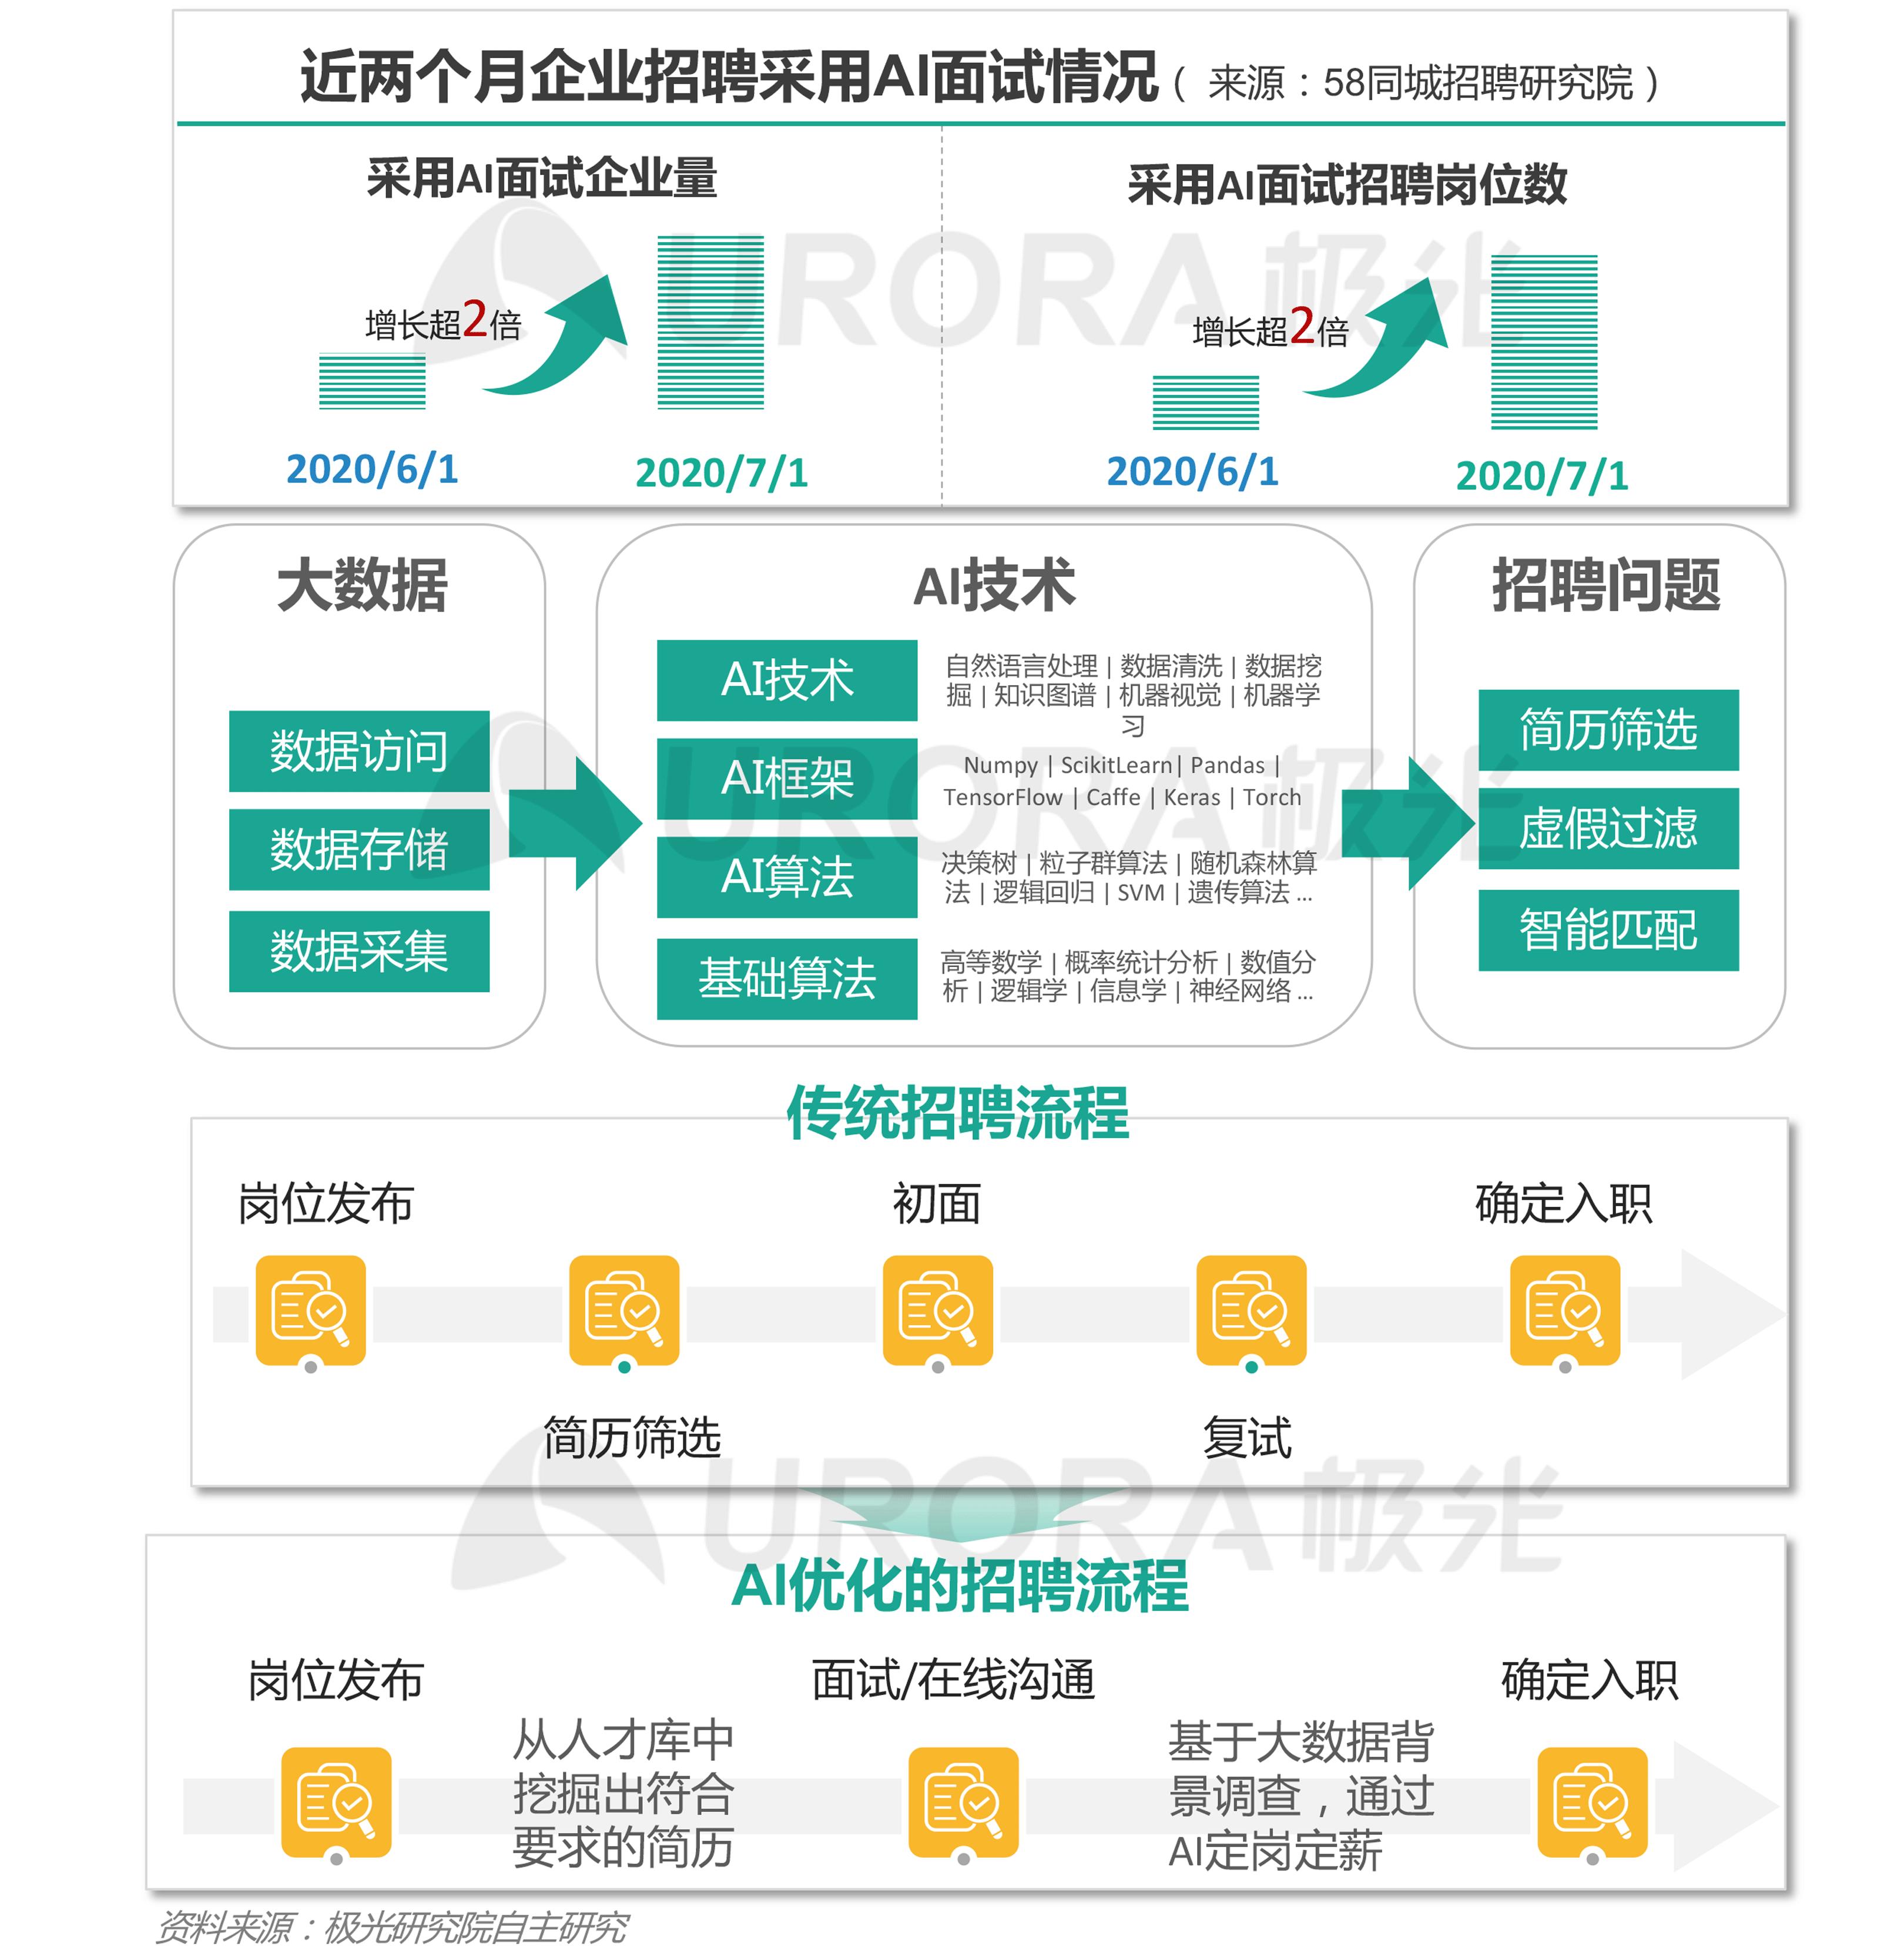 """""""超职季""""招聘行业报告-汇总版 (17).png"""